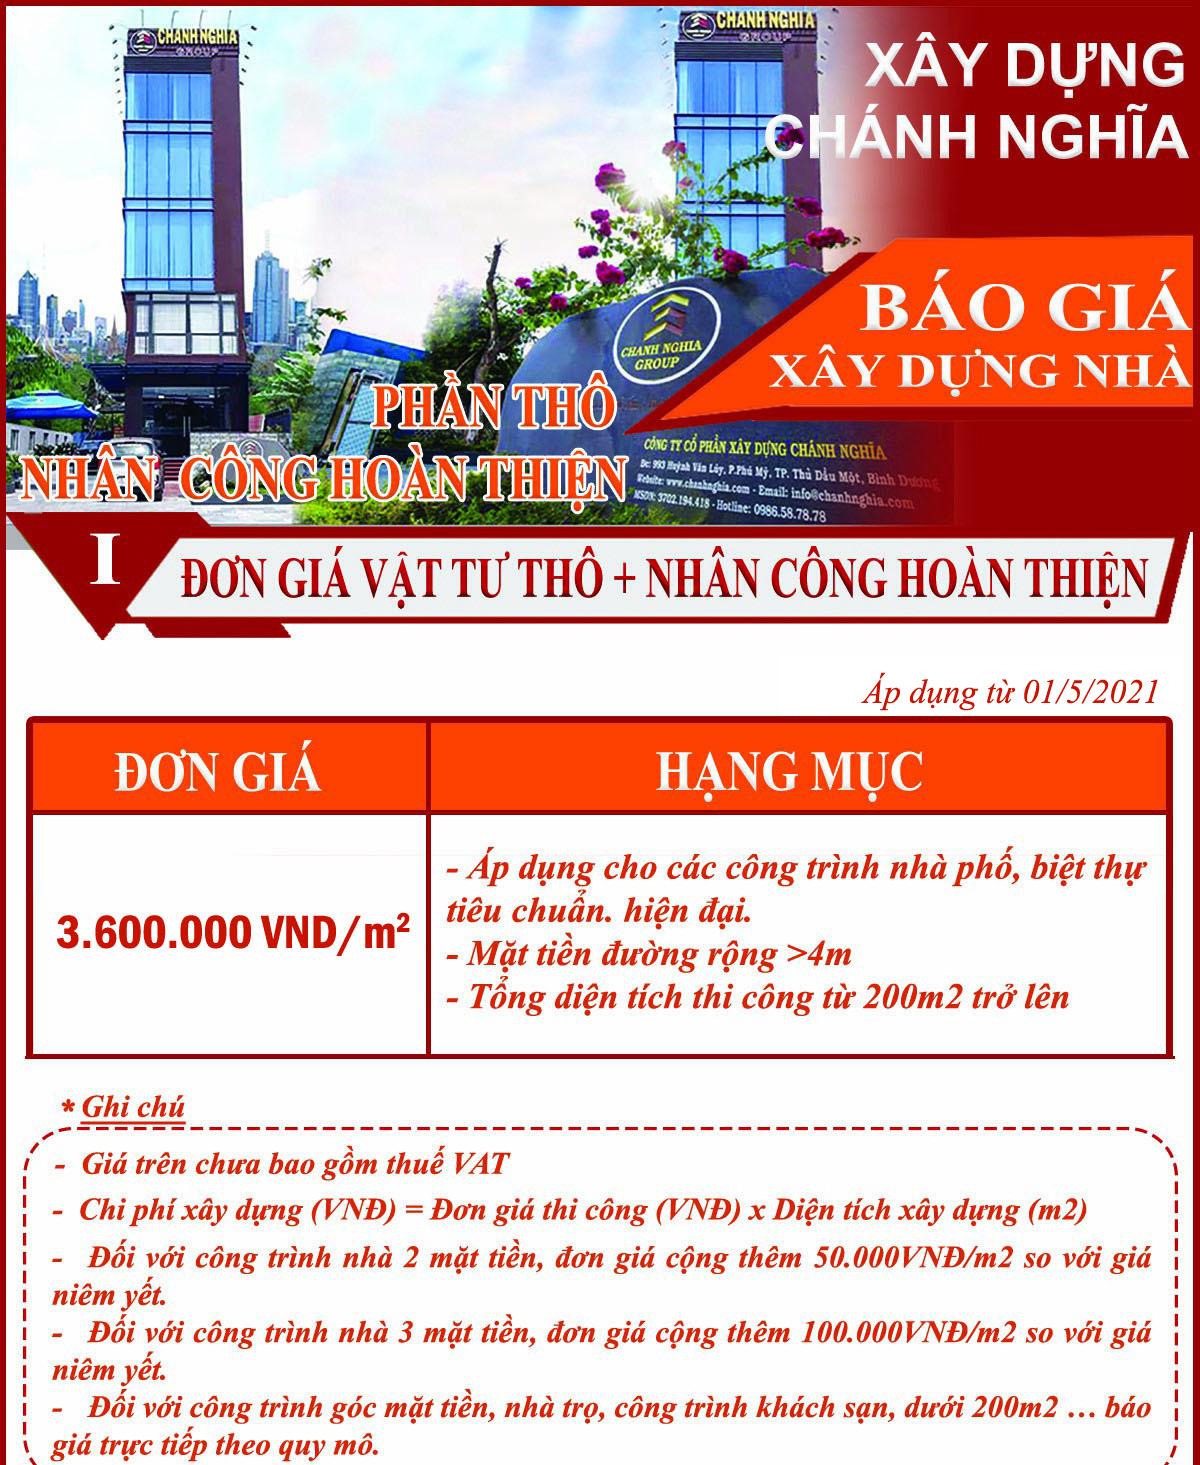 BAO-GIA-XAY-NHA-TRON-GOI-PHAN-THO-VA-NHAN-CONG-HOAN-THIEN_1_2_1